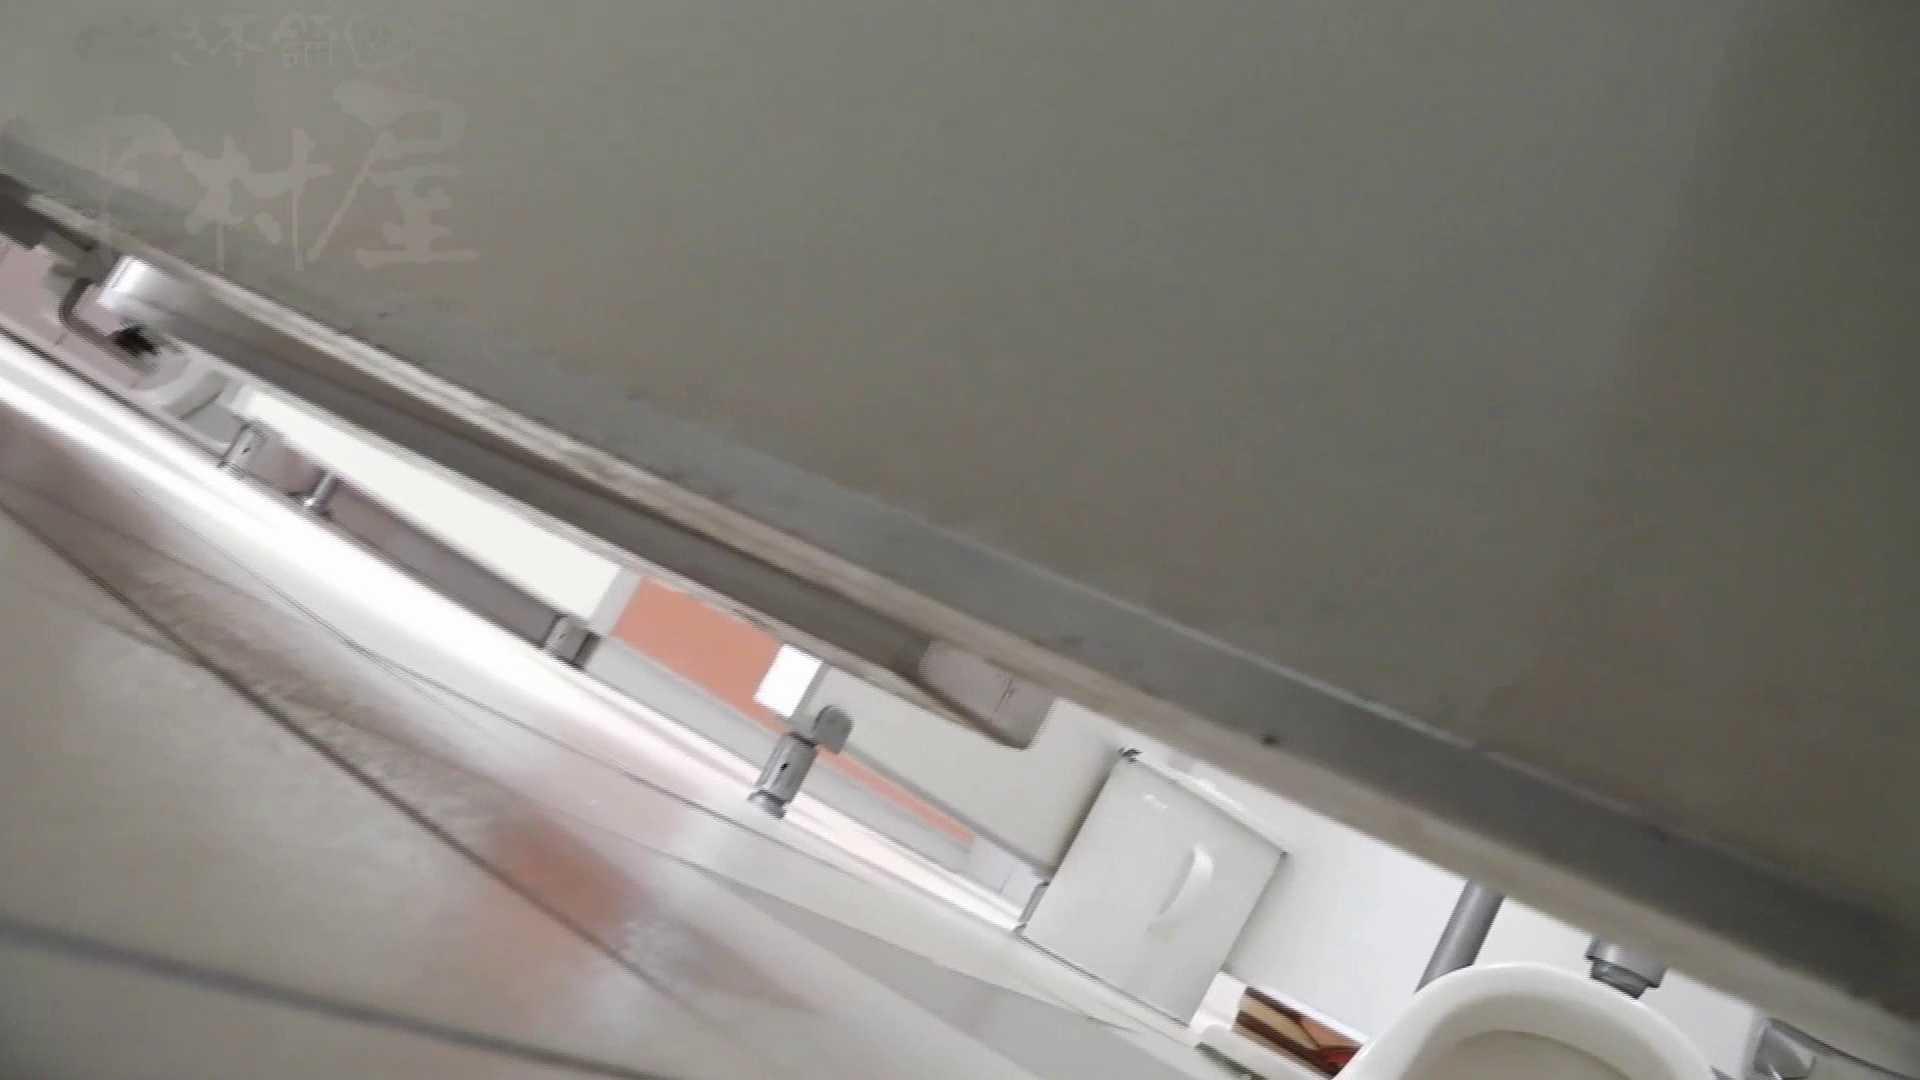 トイレ盗撮|美しい日本の未来 No.22 未来進歩3 感動レベル予告のモデルつい登場か!!|のぞき本舗 中村屋